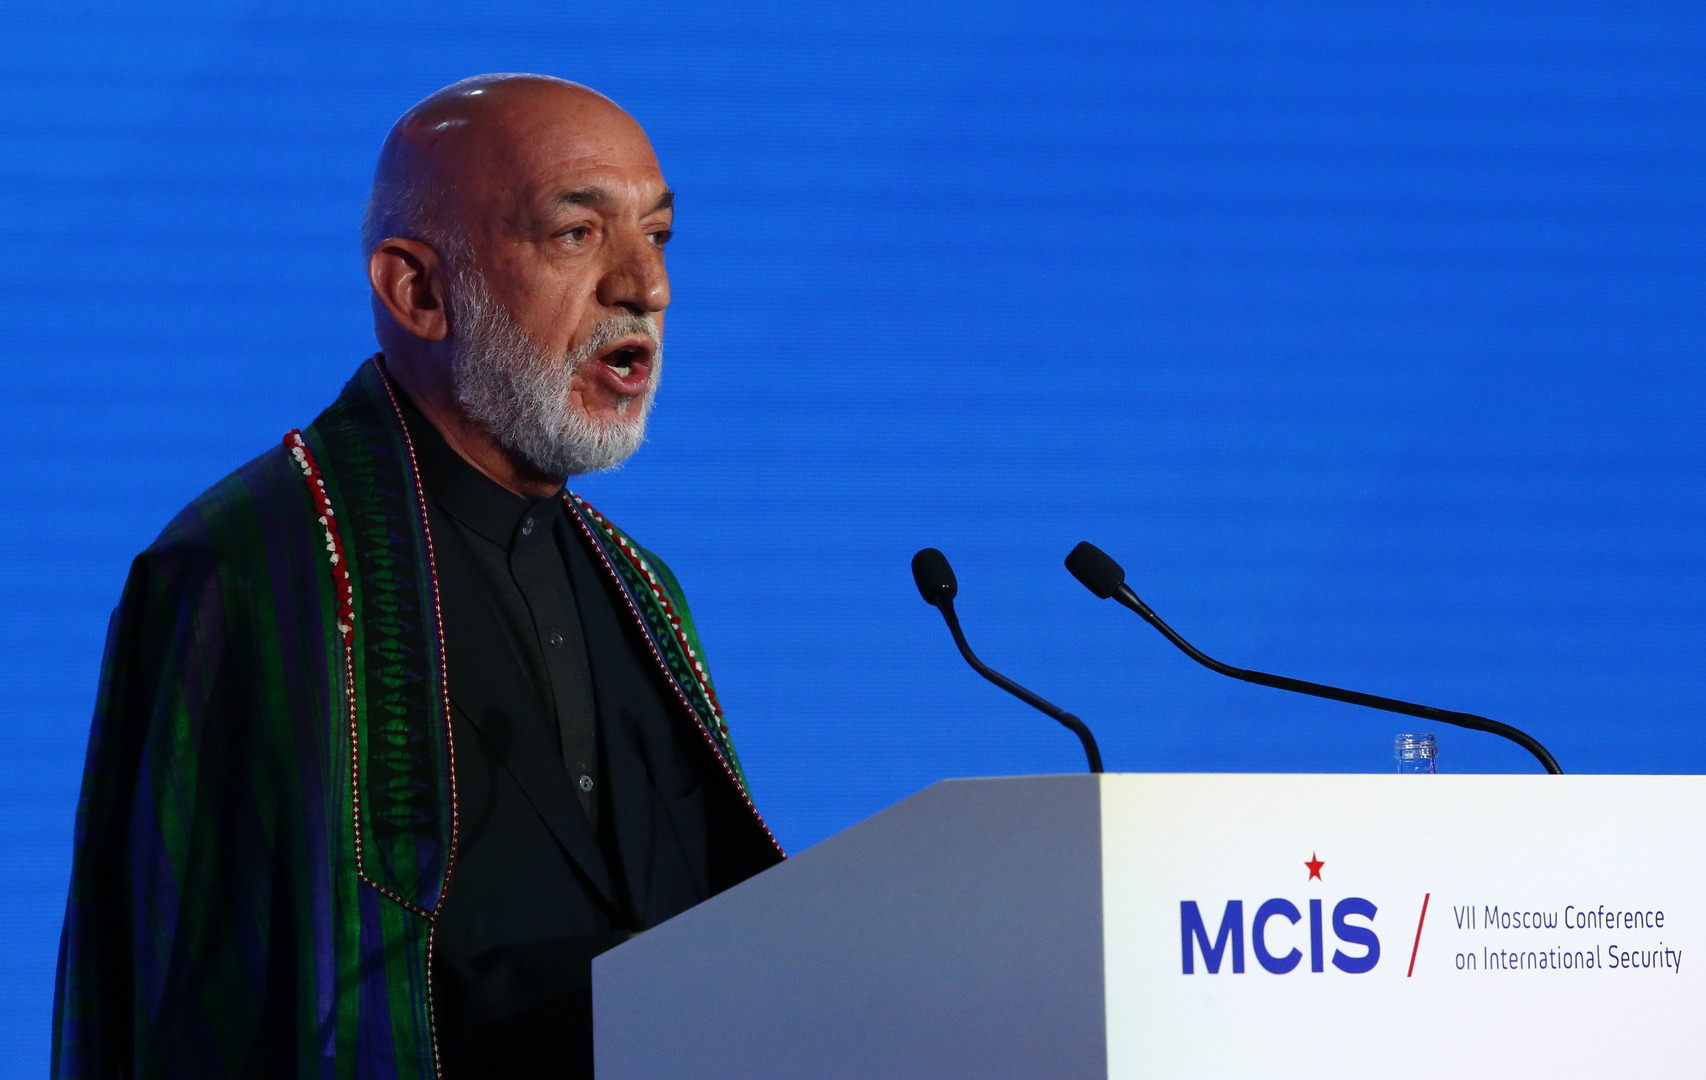 الرئيس الأفغاني السابق: الأمريكيون يتركوننا في عار وكارثة لكن الأفضل أن يرحلوا